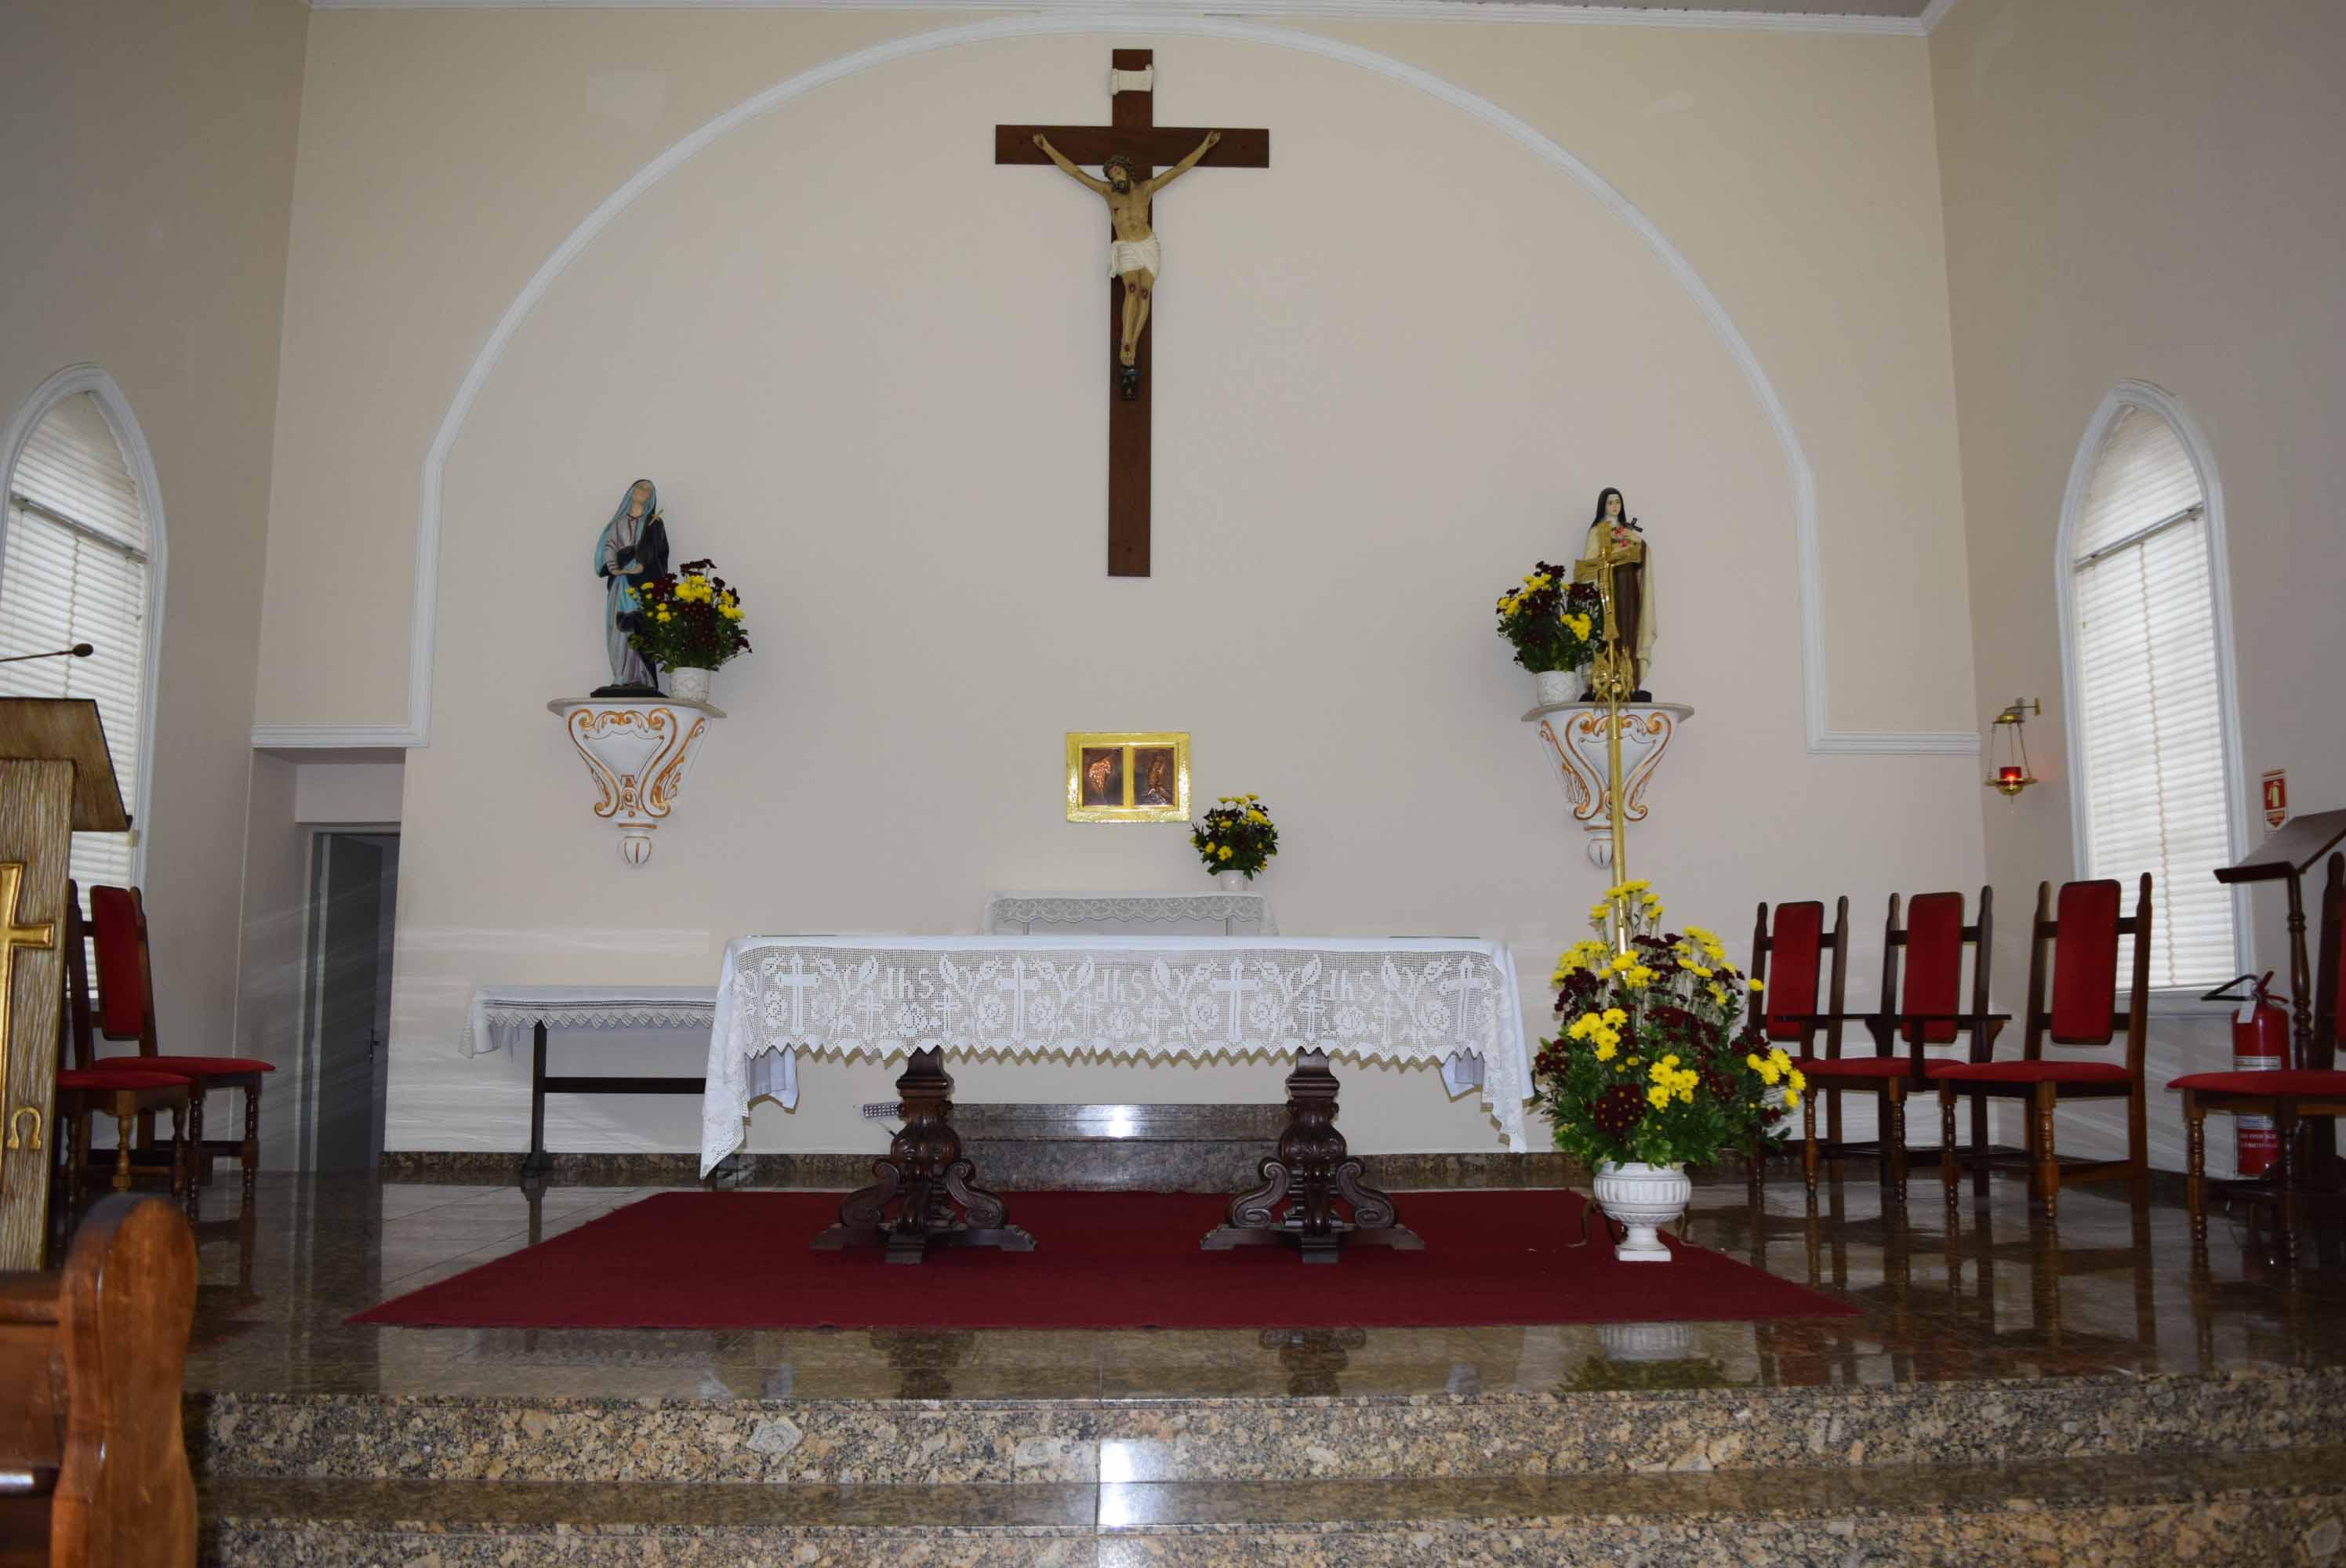 Artesanato Com Papel ~ Galeria da Comunidade Santa Teresinha S u00e3o Carlos Borromeu